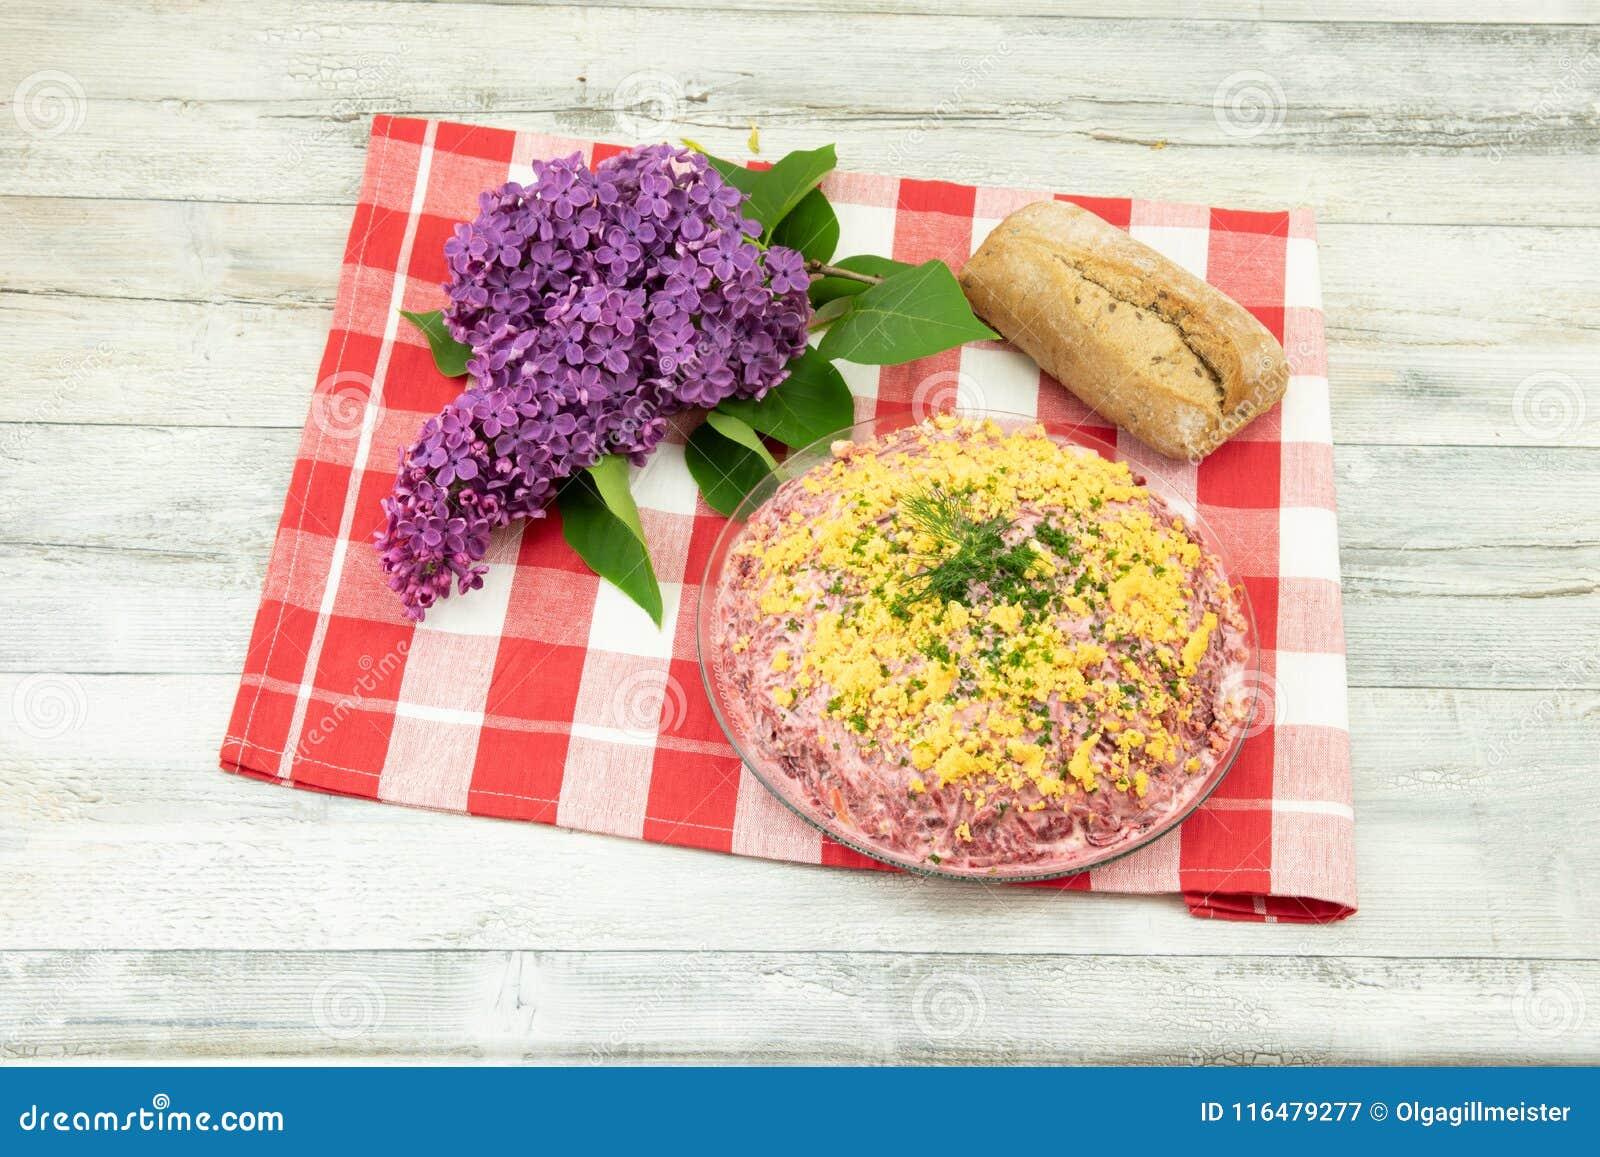 传统俄语分层了堆积沙拉名为鲱鱼在皮大衣下